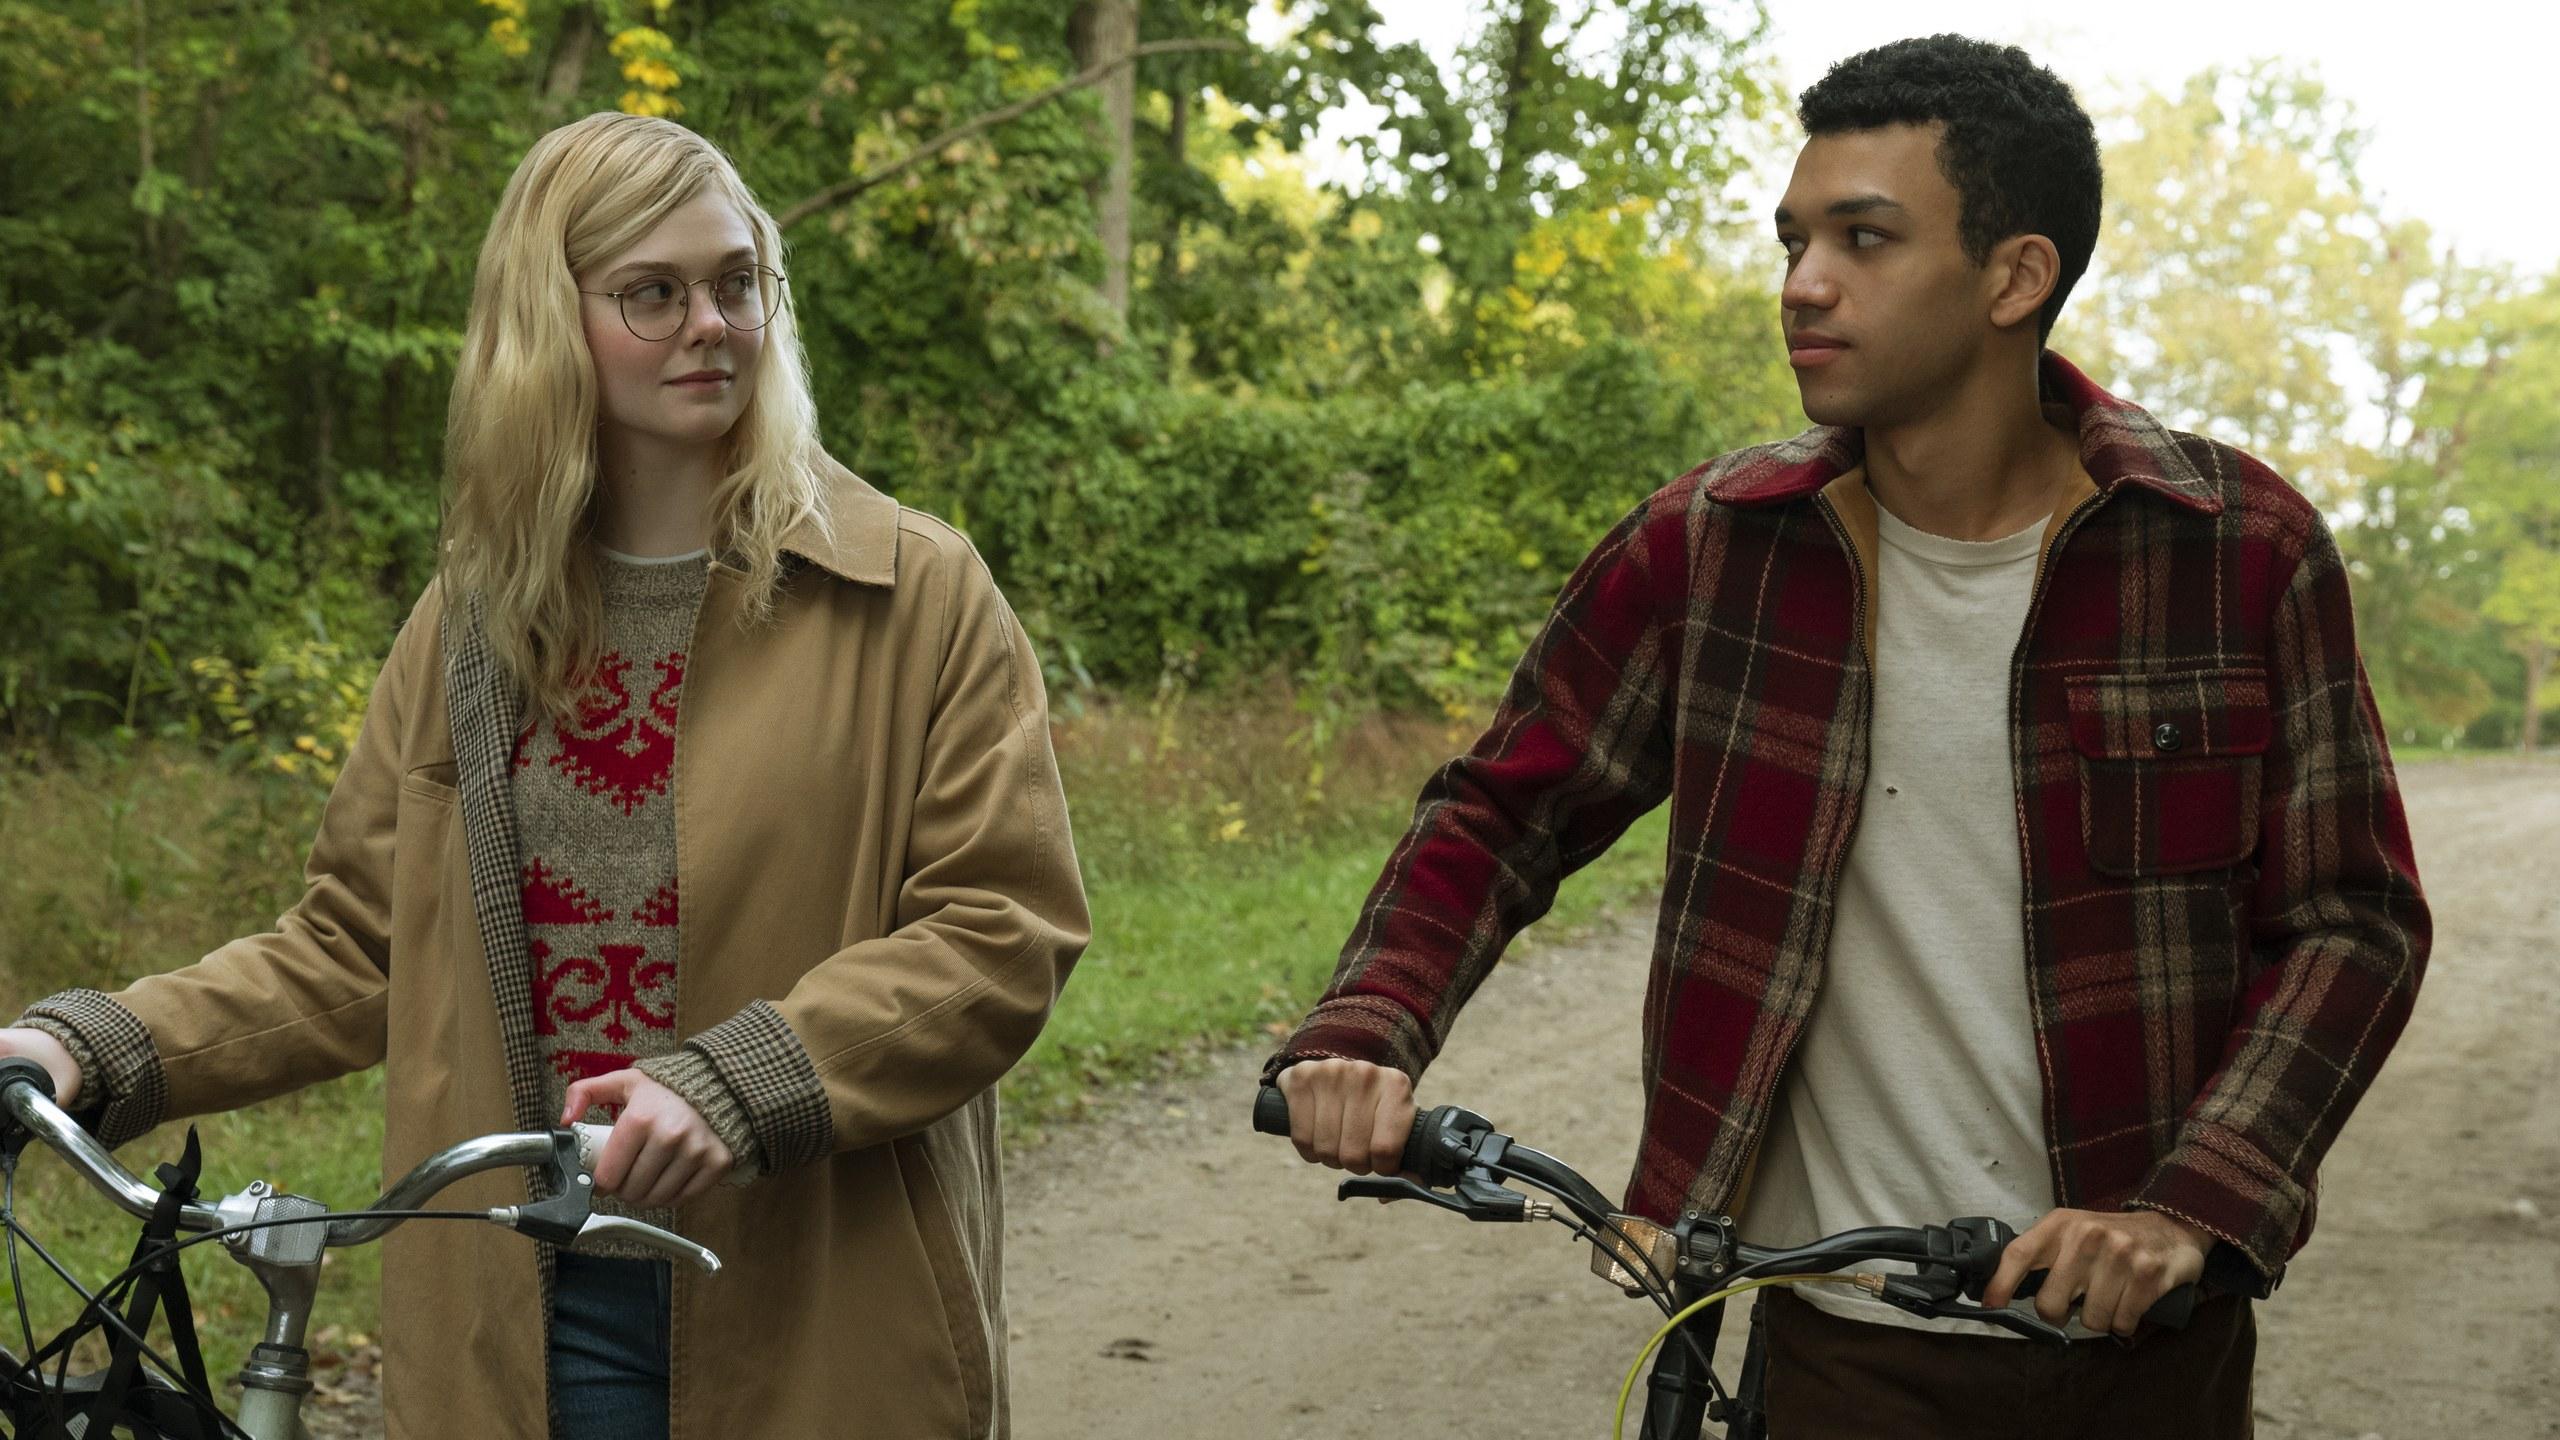 'Por Lugares Incríveis' na Netflix: Confira as primeiras reações